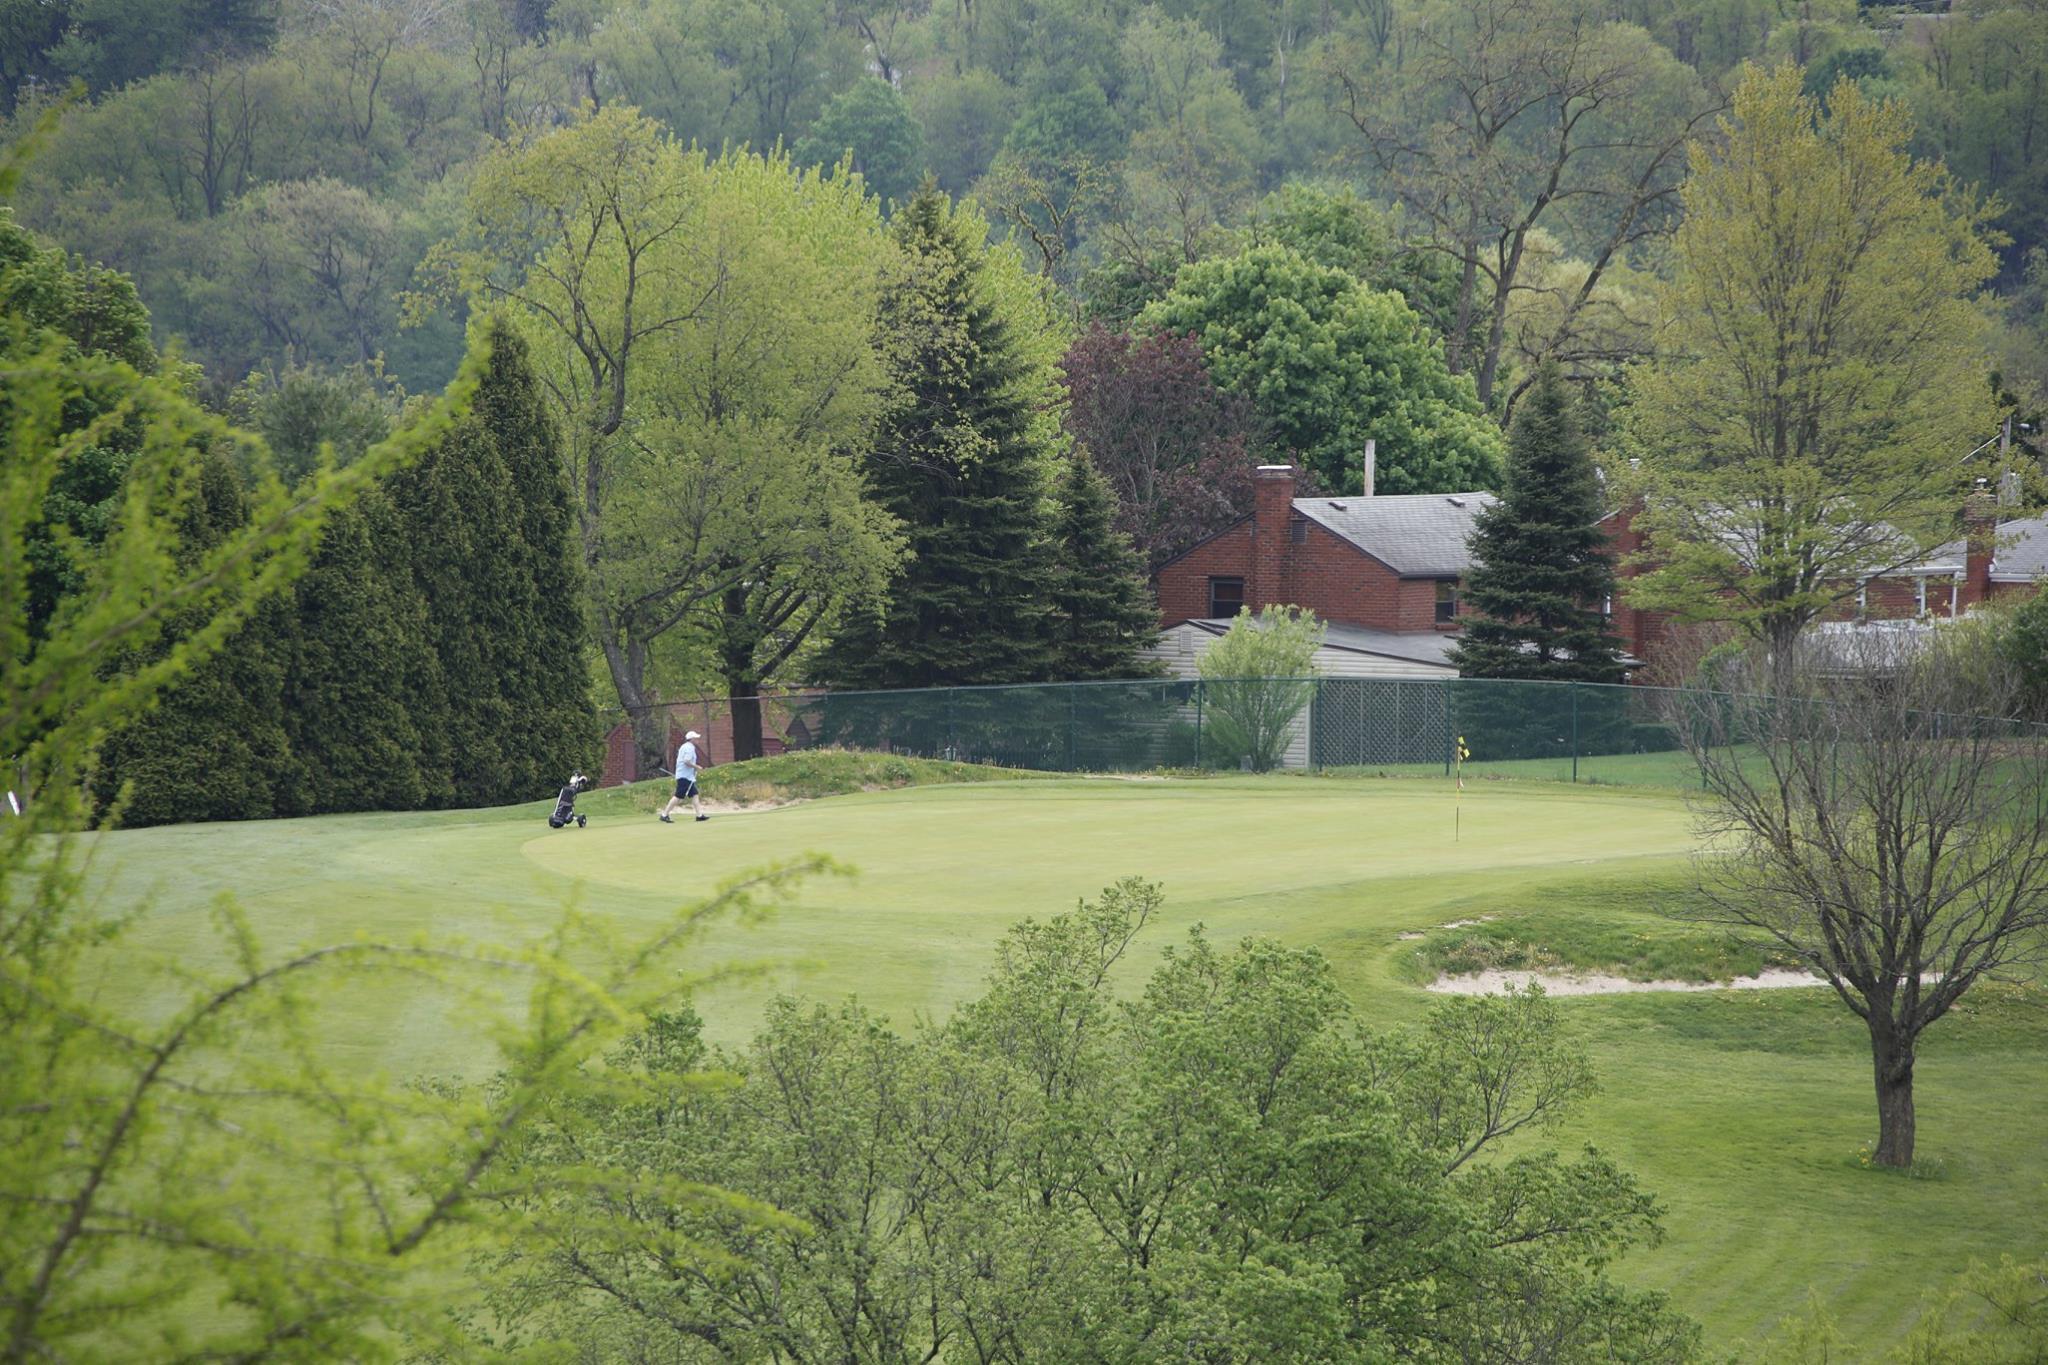 Mt. Lebanon Golf Course